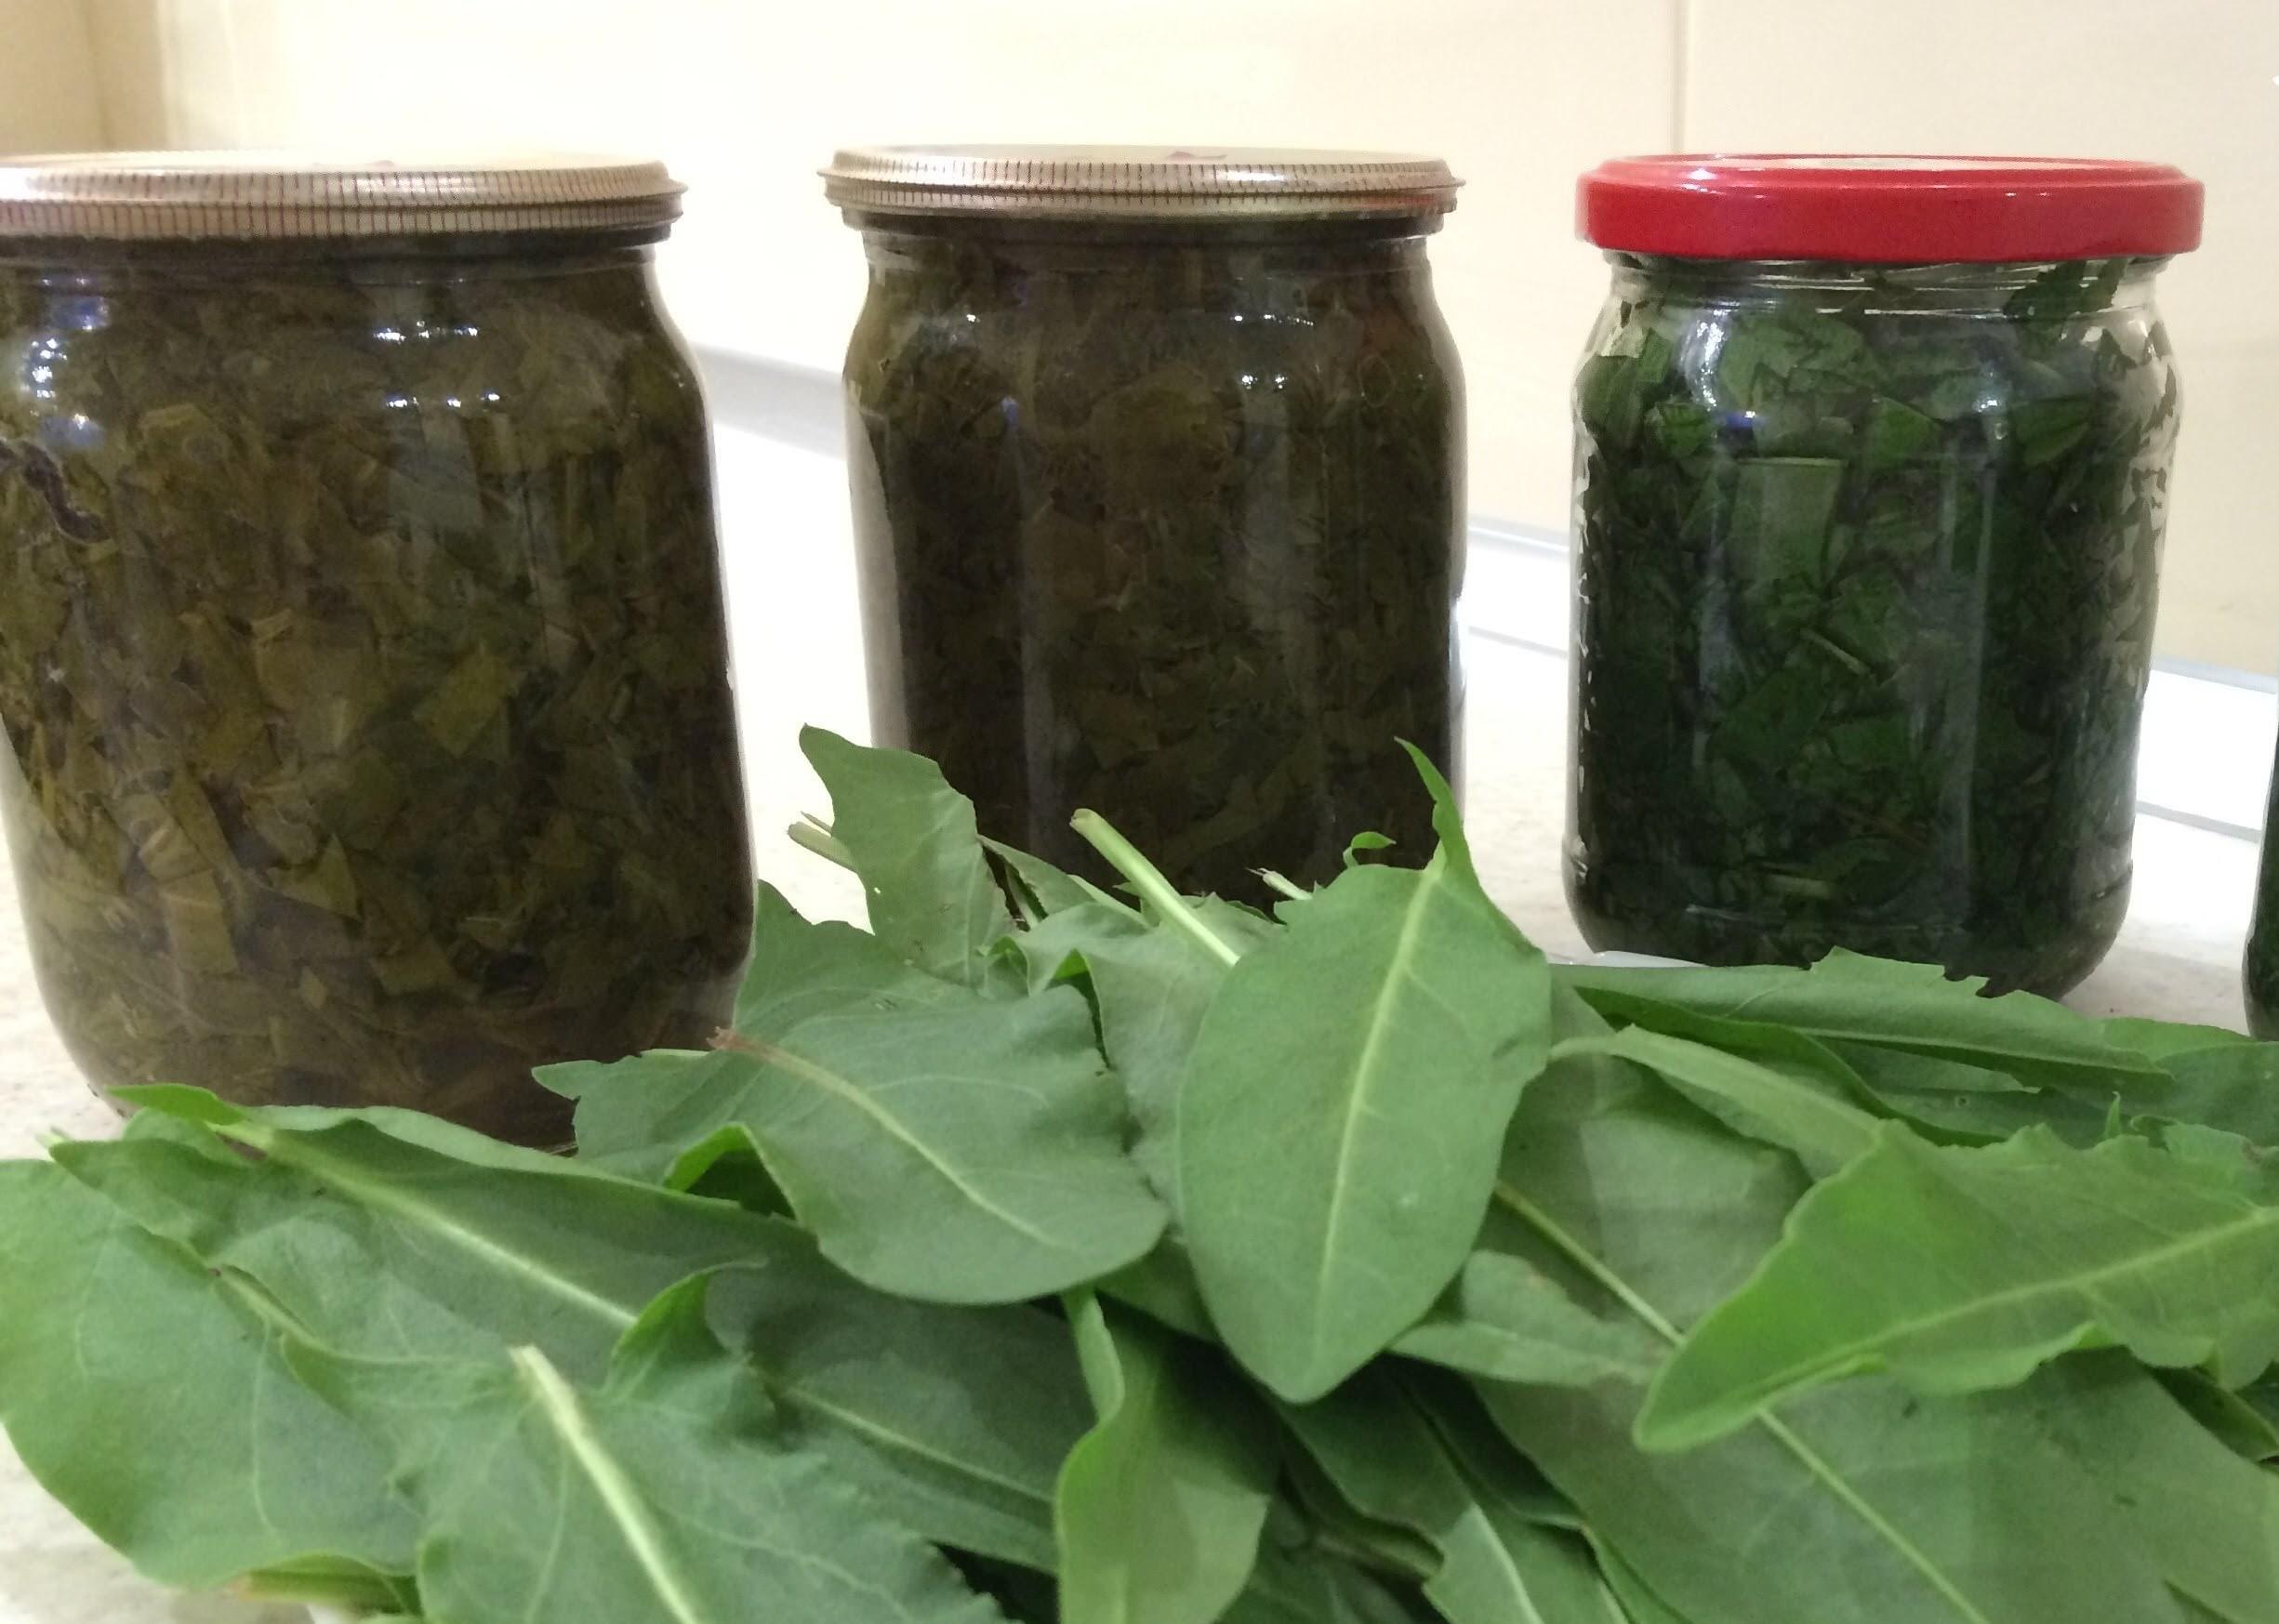 Щавель на зиму - 7 лучших рецептов заготовок в домашних условиях